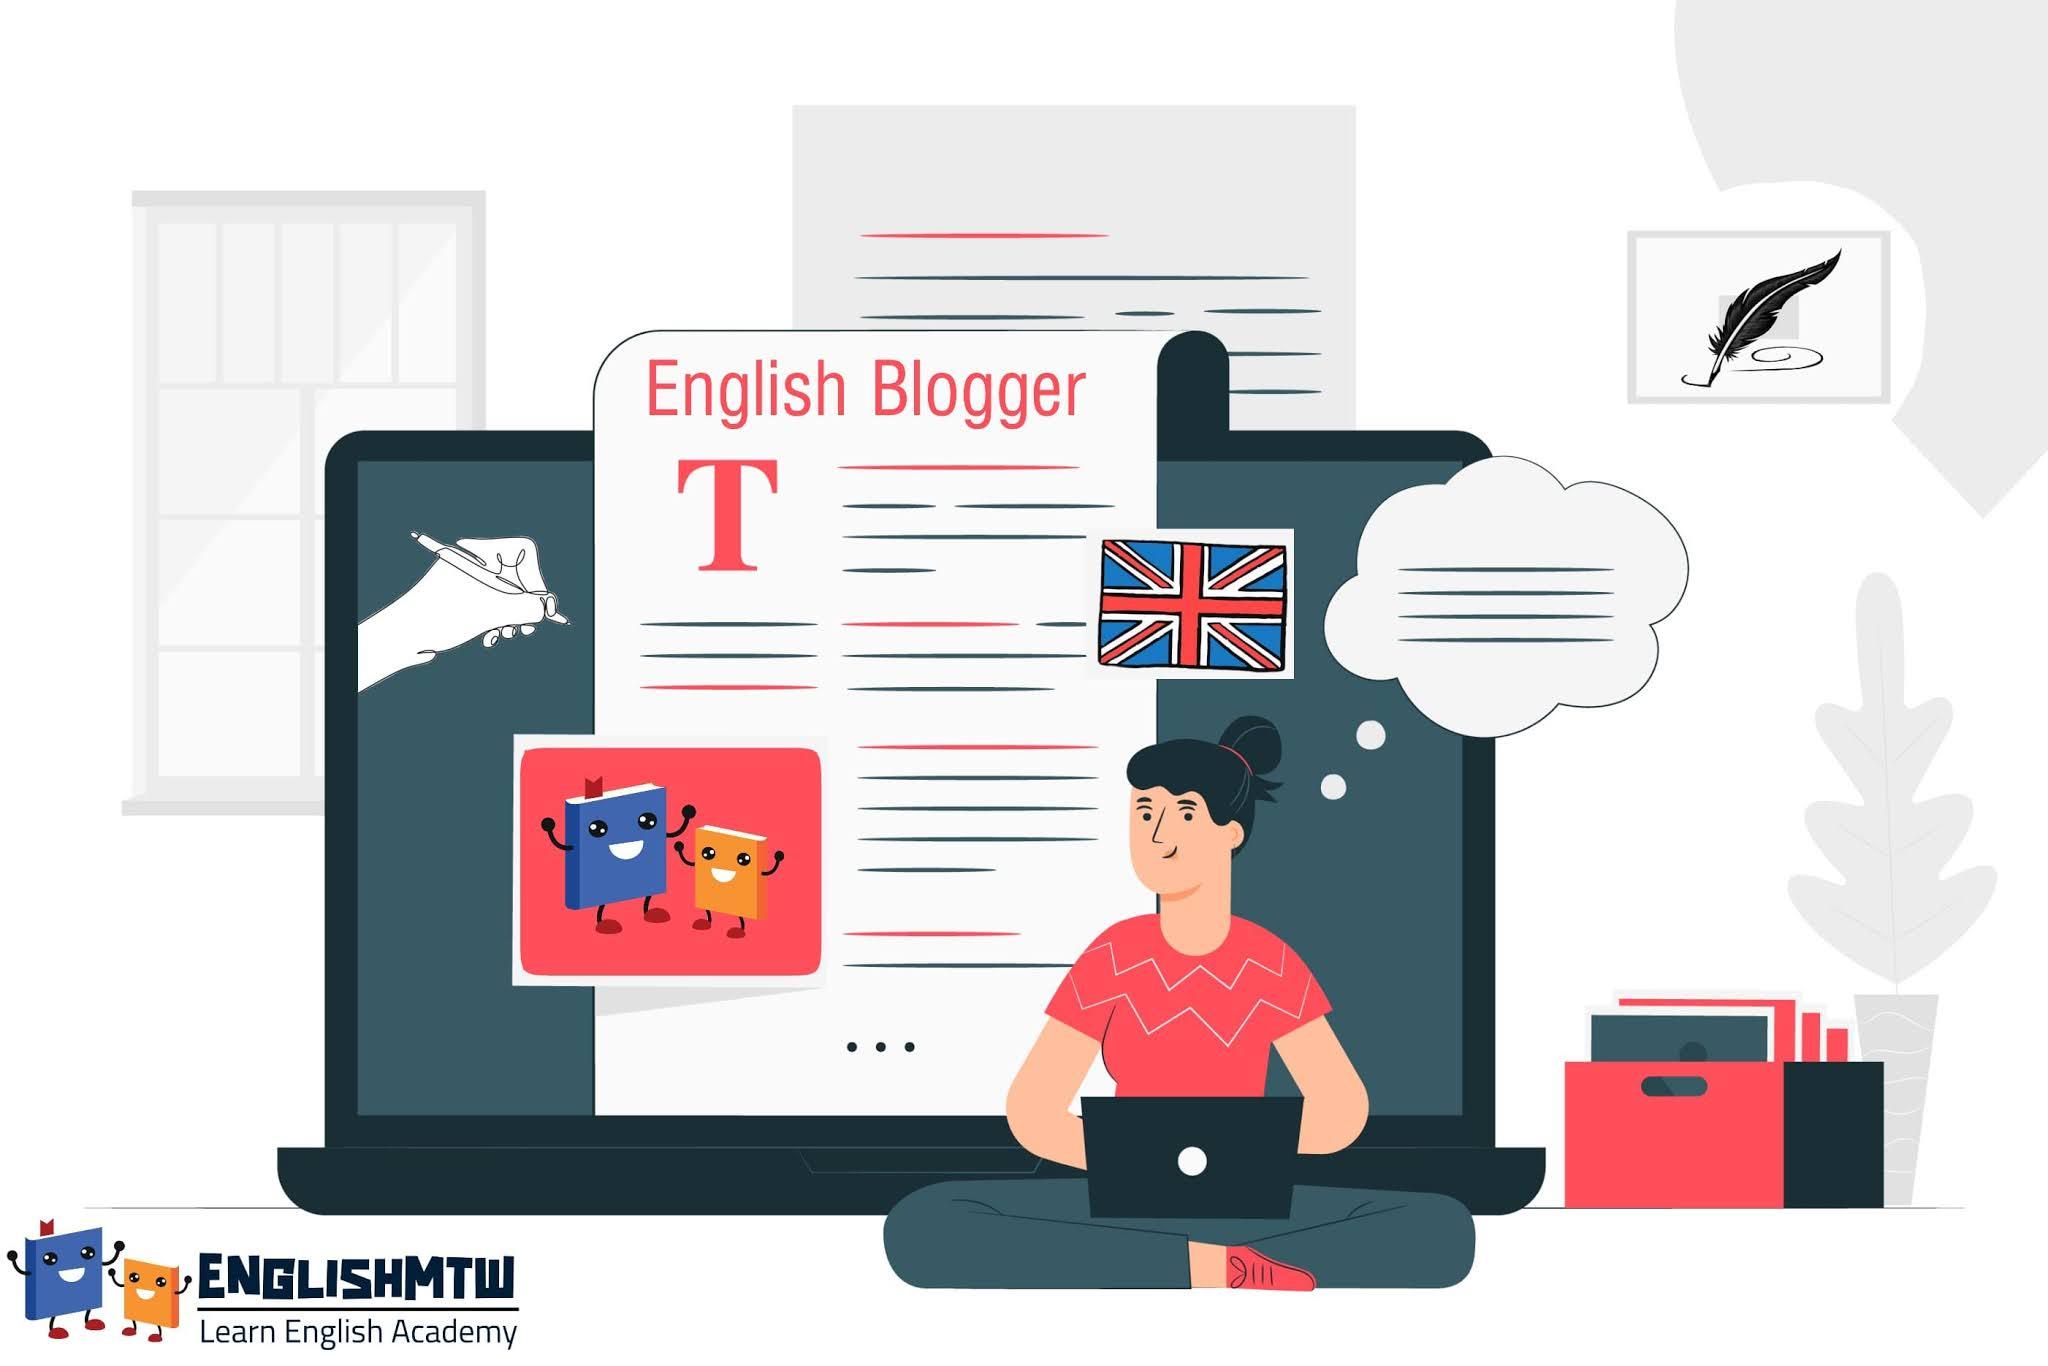 6 طرق تعلم مهارات الكتابة باللغة الإنجليزية عن طريق التدوين